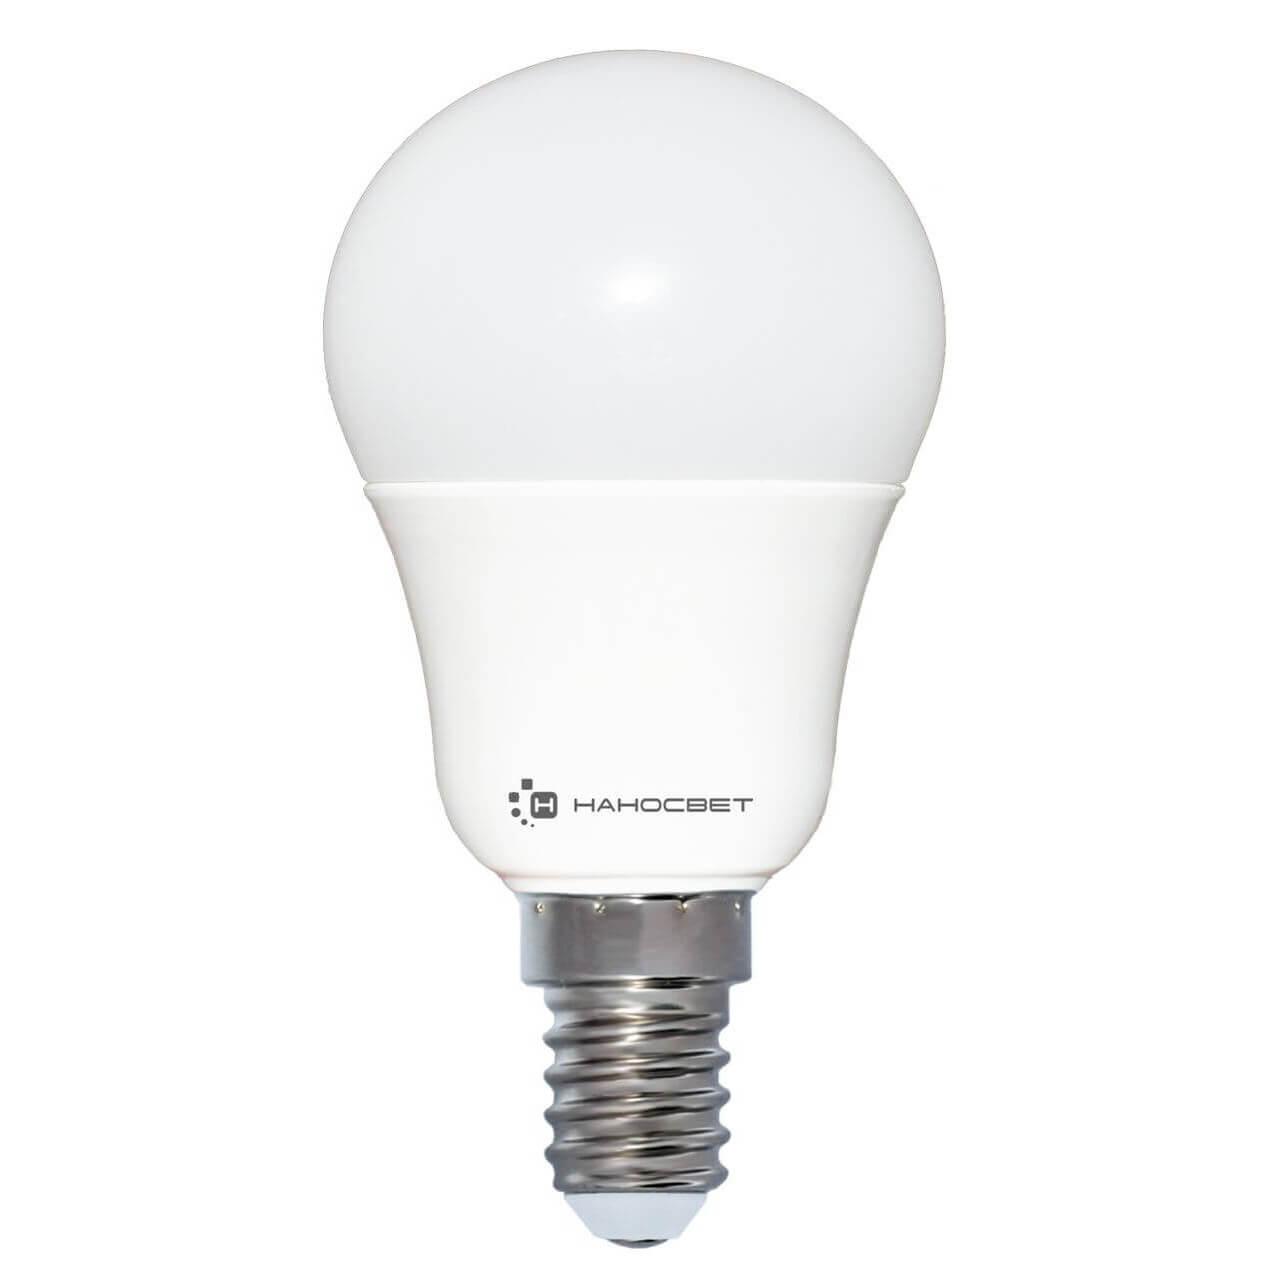 купить Лампа светодиодная Наносвет E14 7,5W 2700K матовая LC-P45-7.5/E14/827 L204 по цене 219 рублей